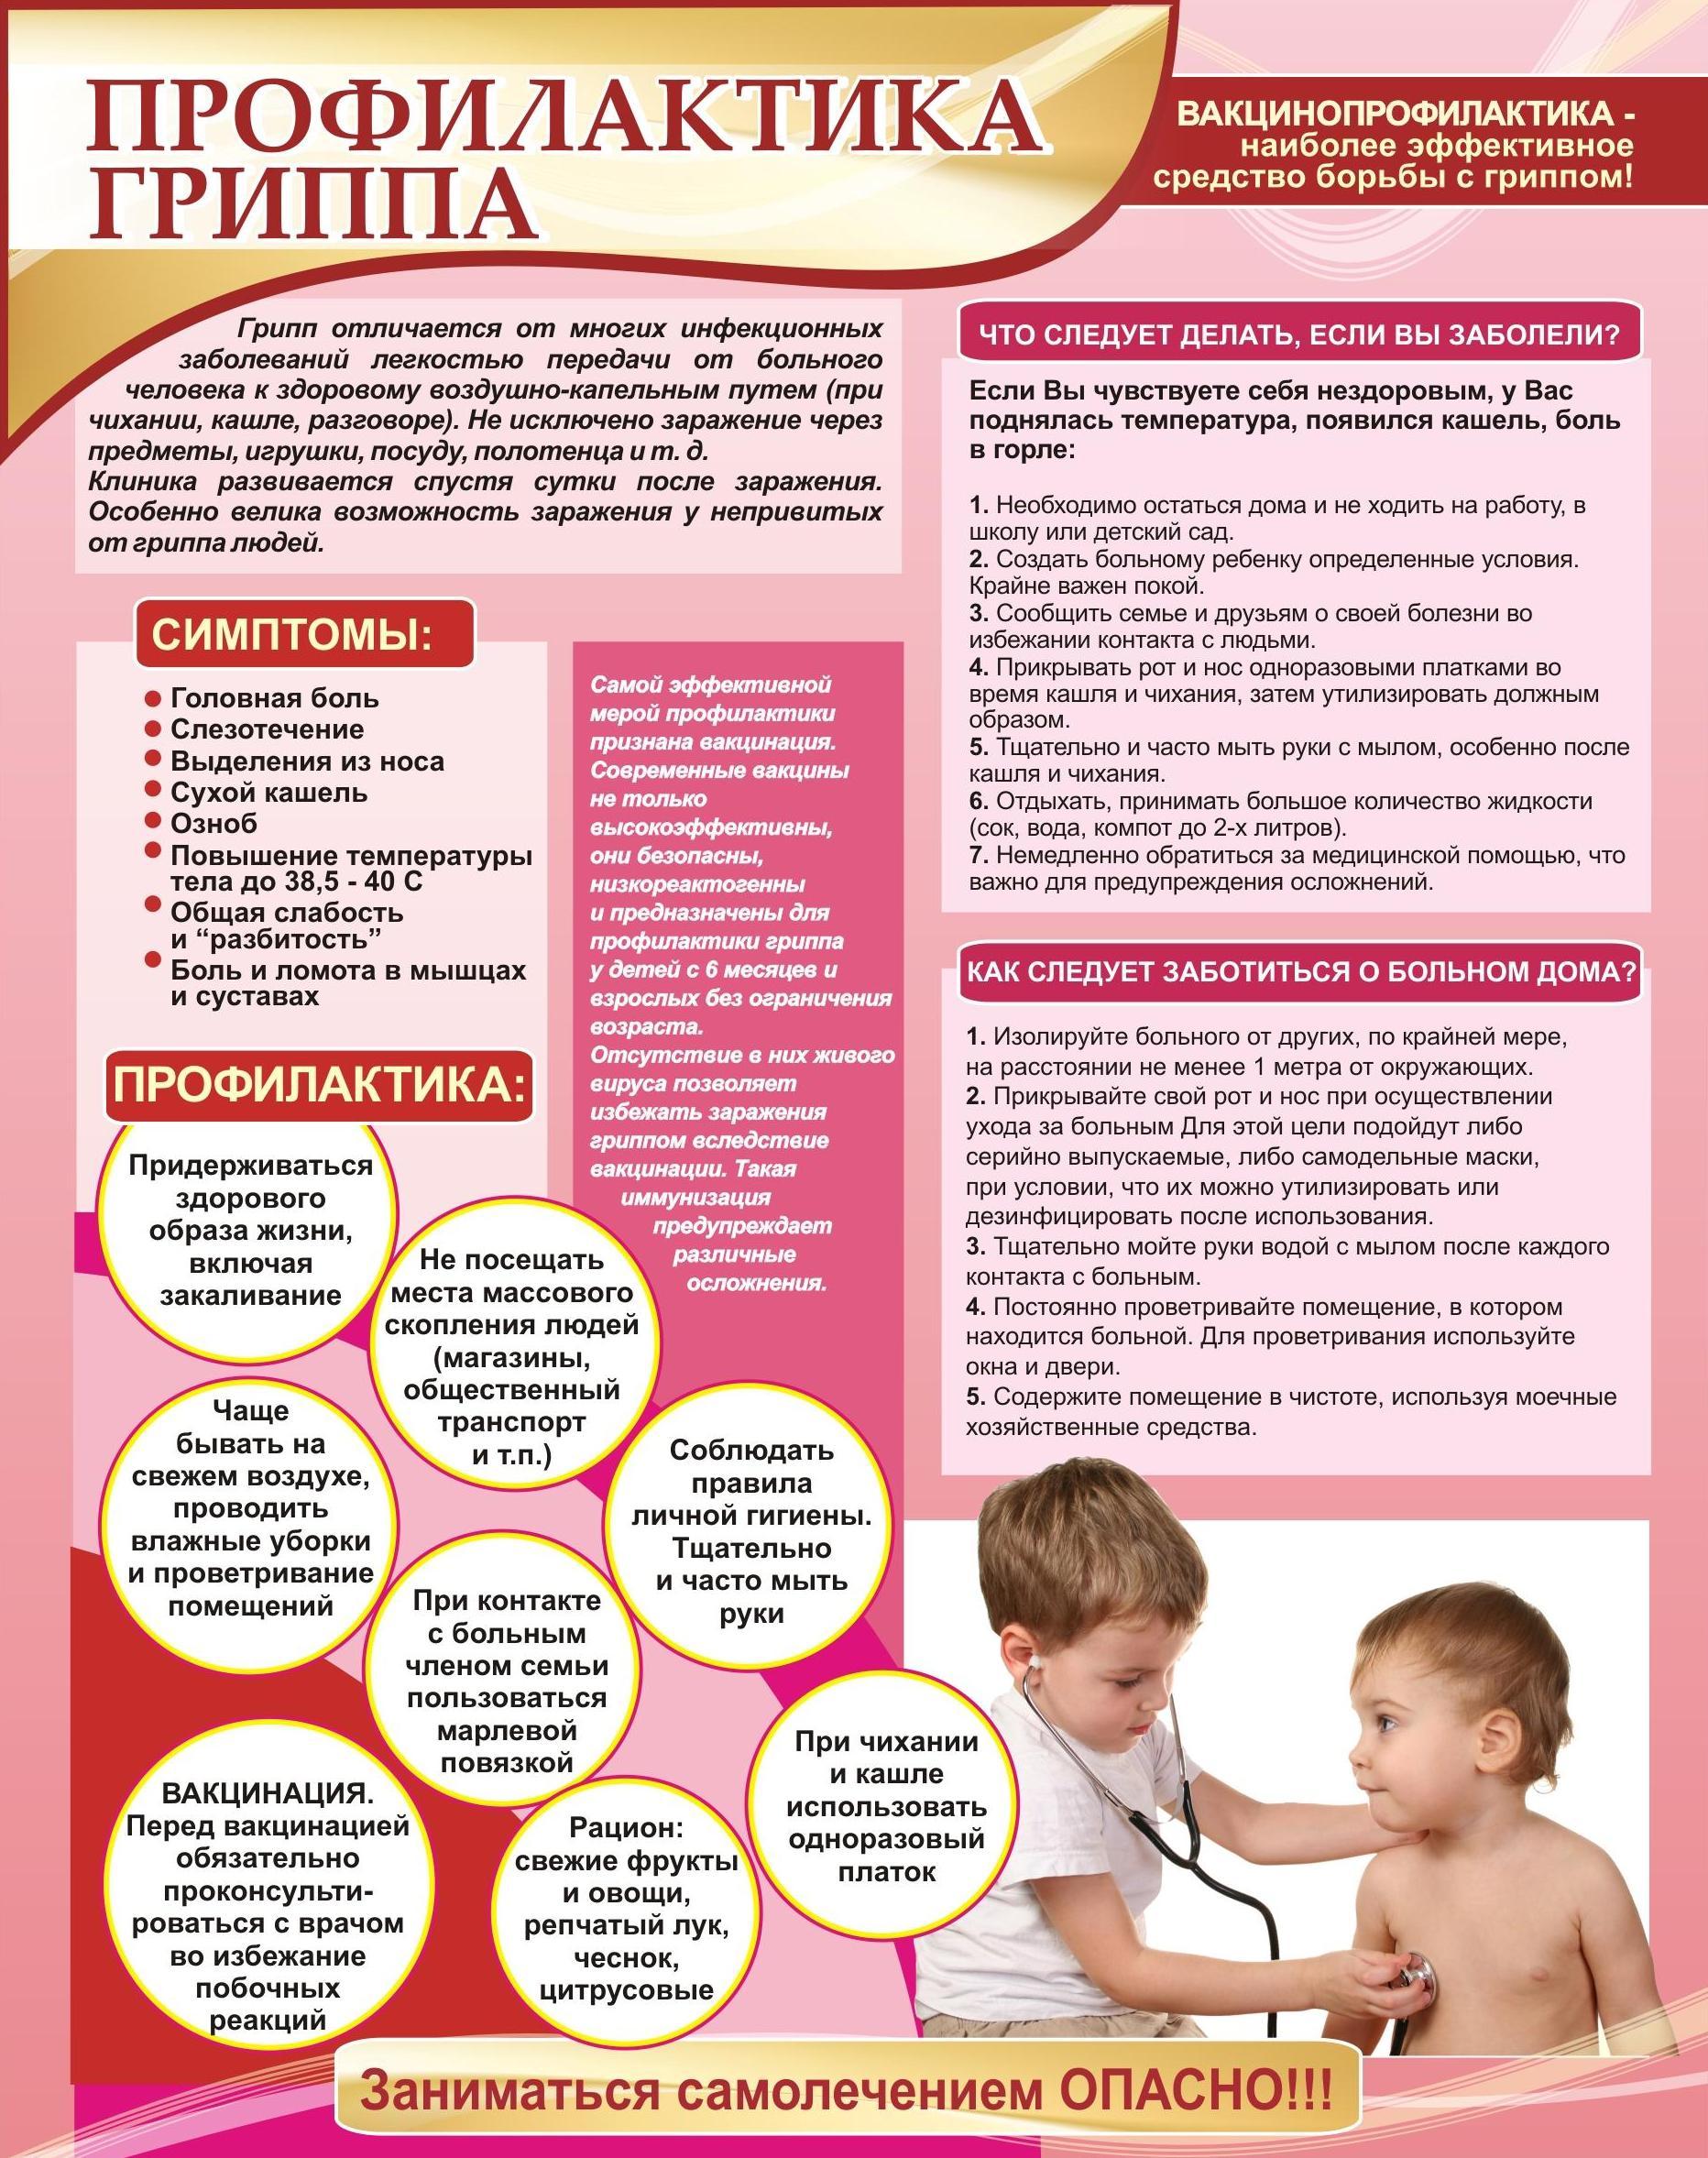 Санбюллетень в картинках о профилактике гриппа